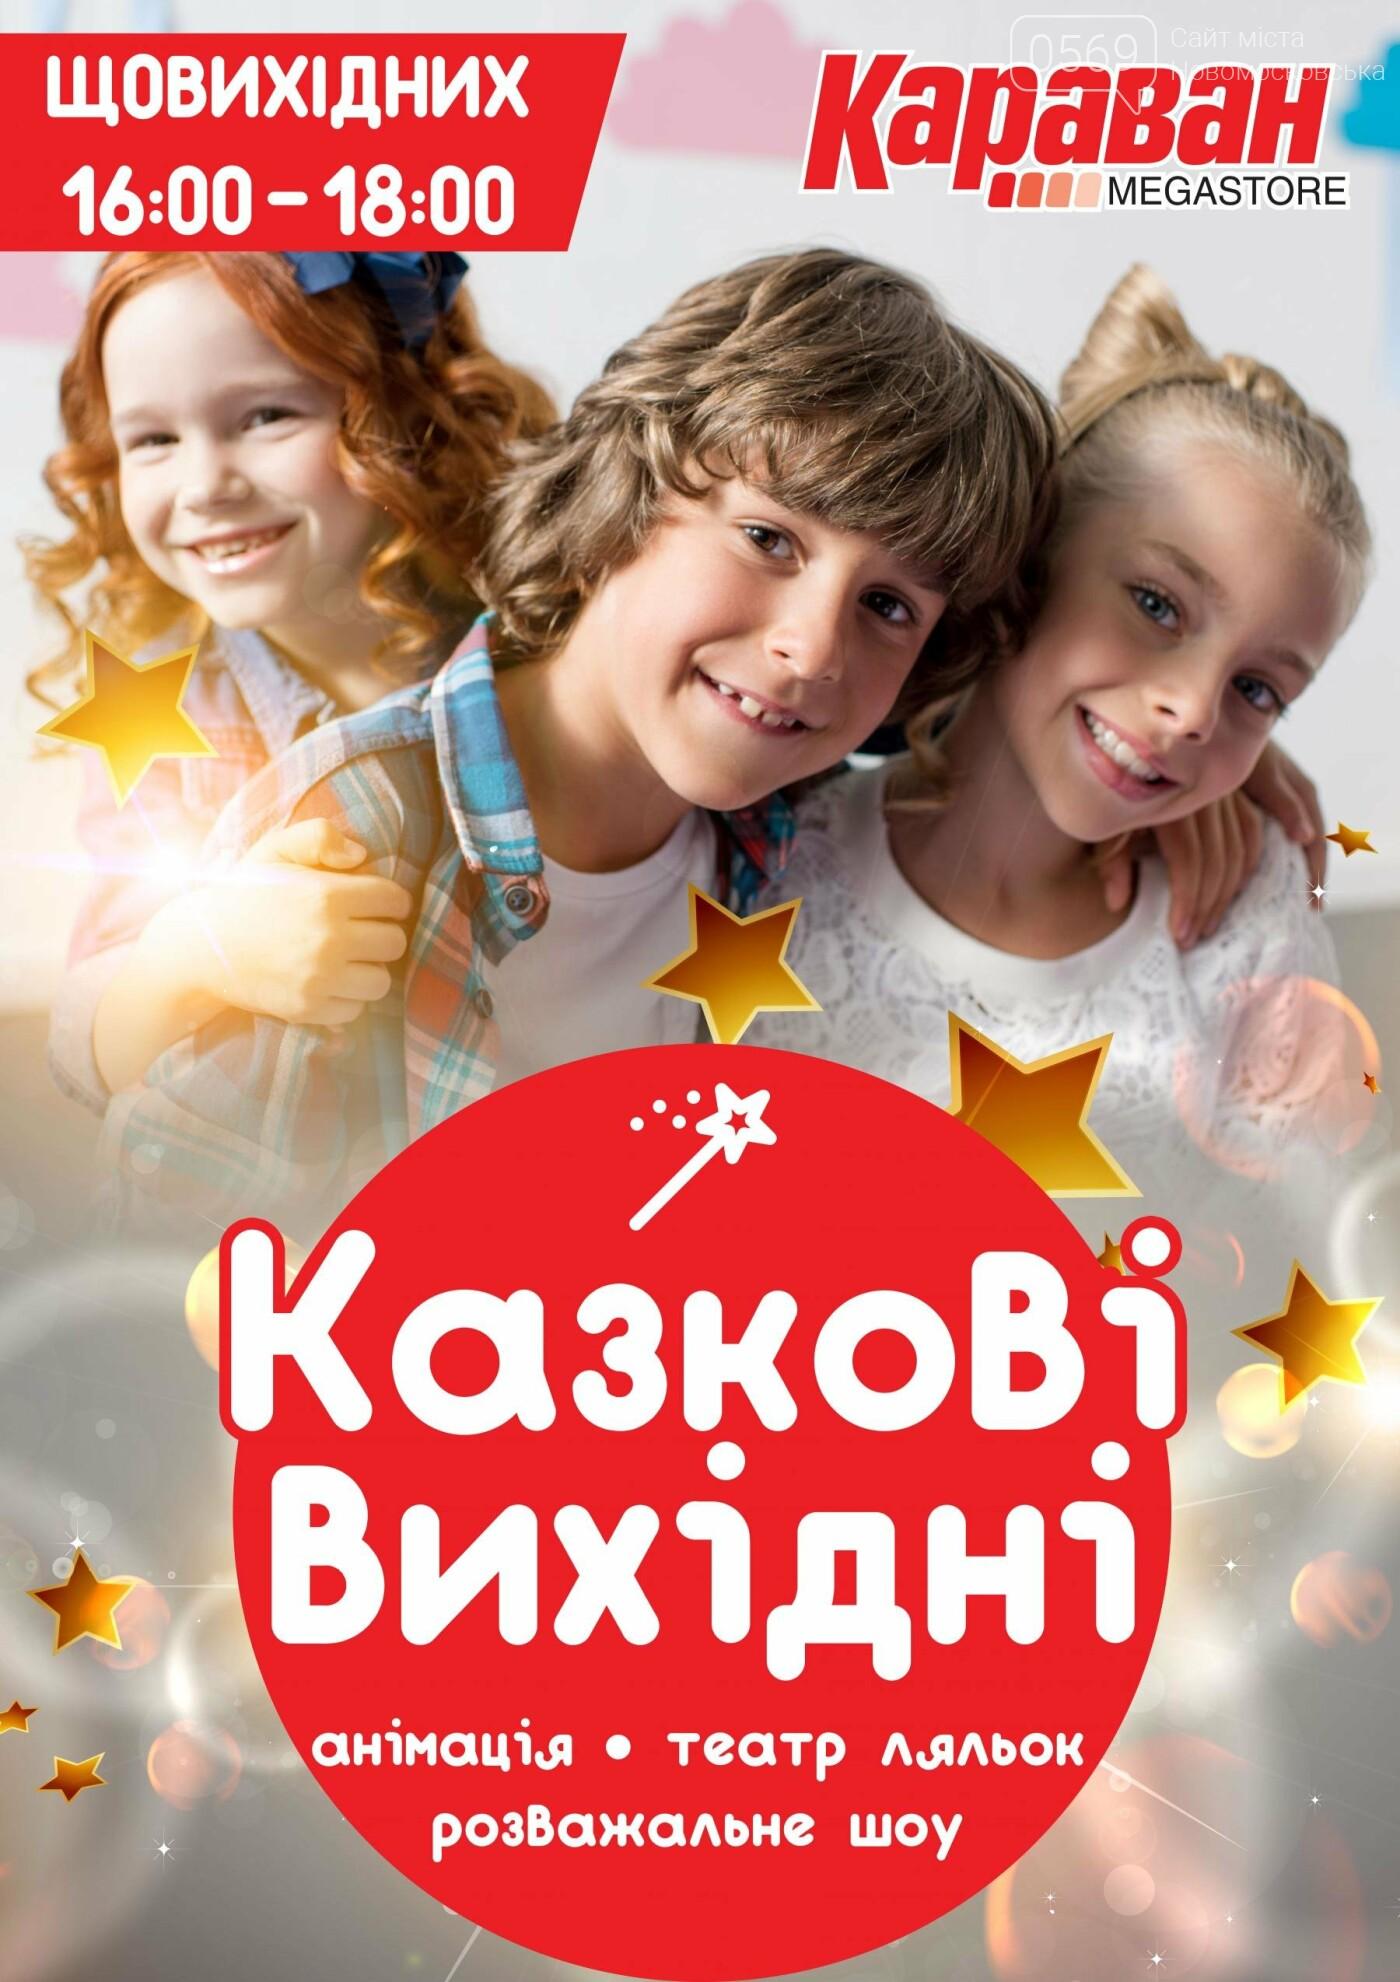 ТРЦ Караван приглашает юных новомосковцев сказочно провести выходные, фото-1